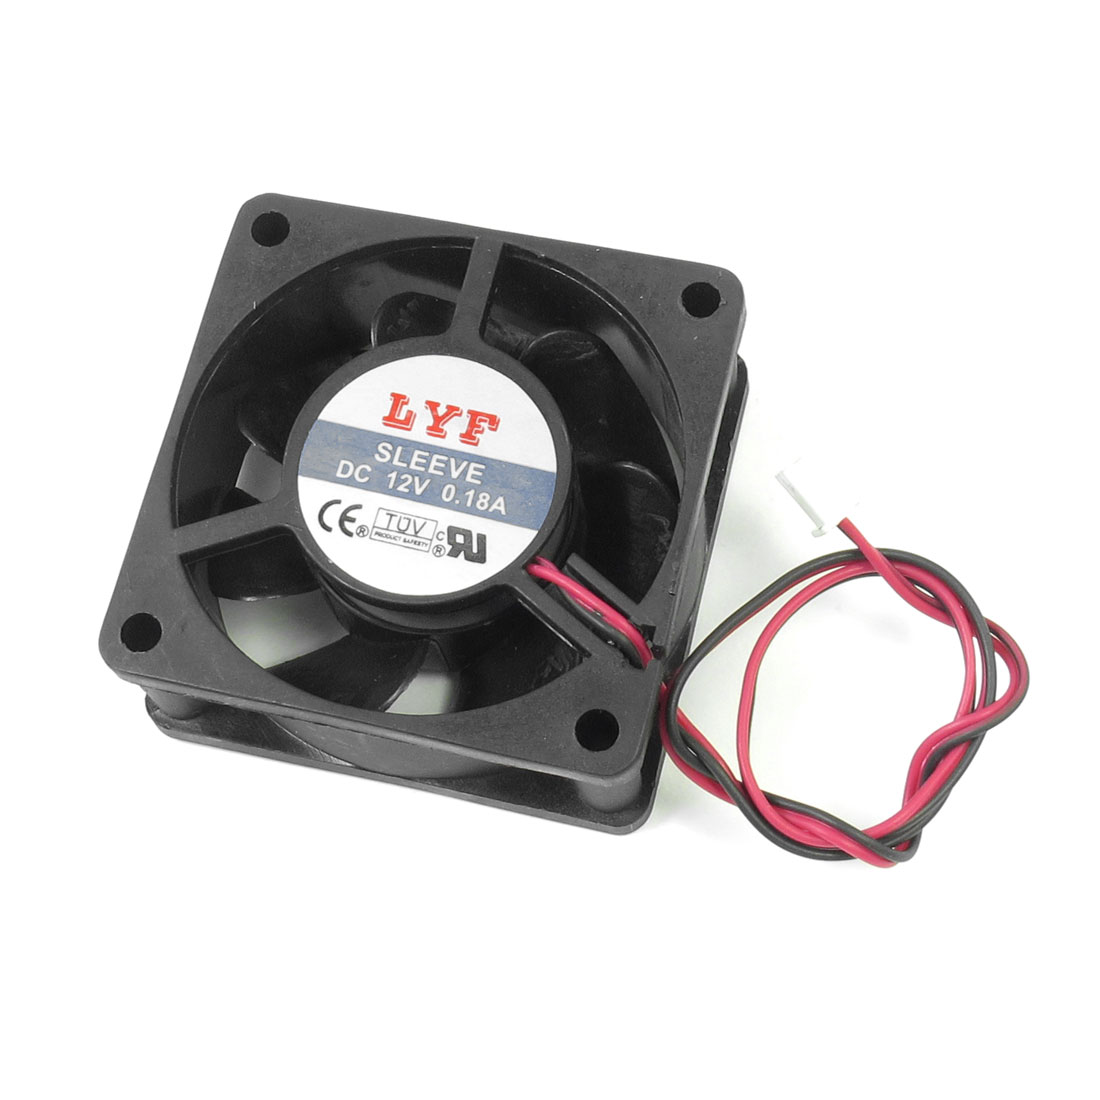 Desktop Computer PC DC 12V 0.18A Cooler Cooling Fan Black 60mm x 60mm